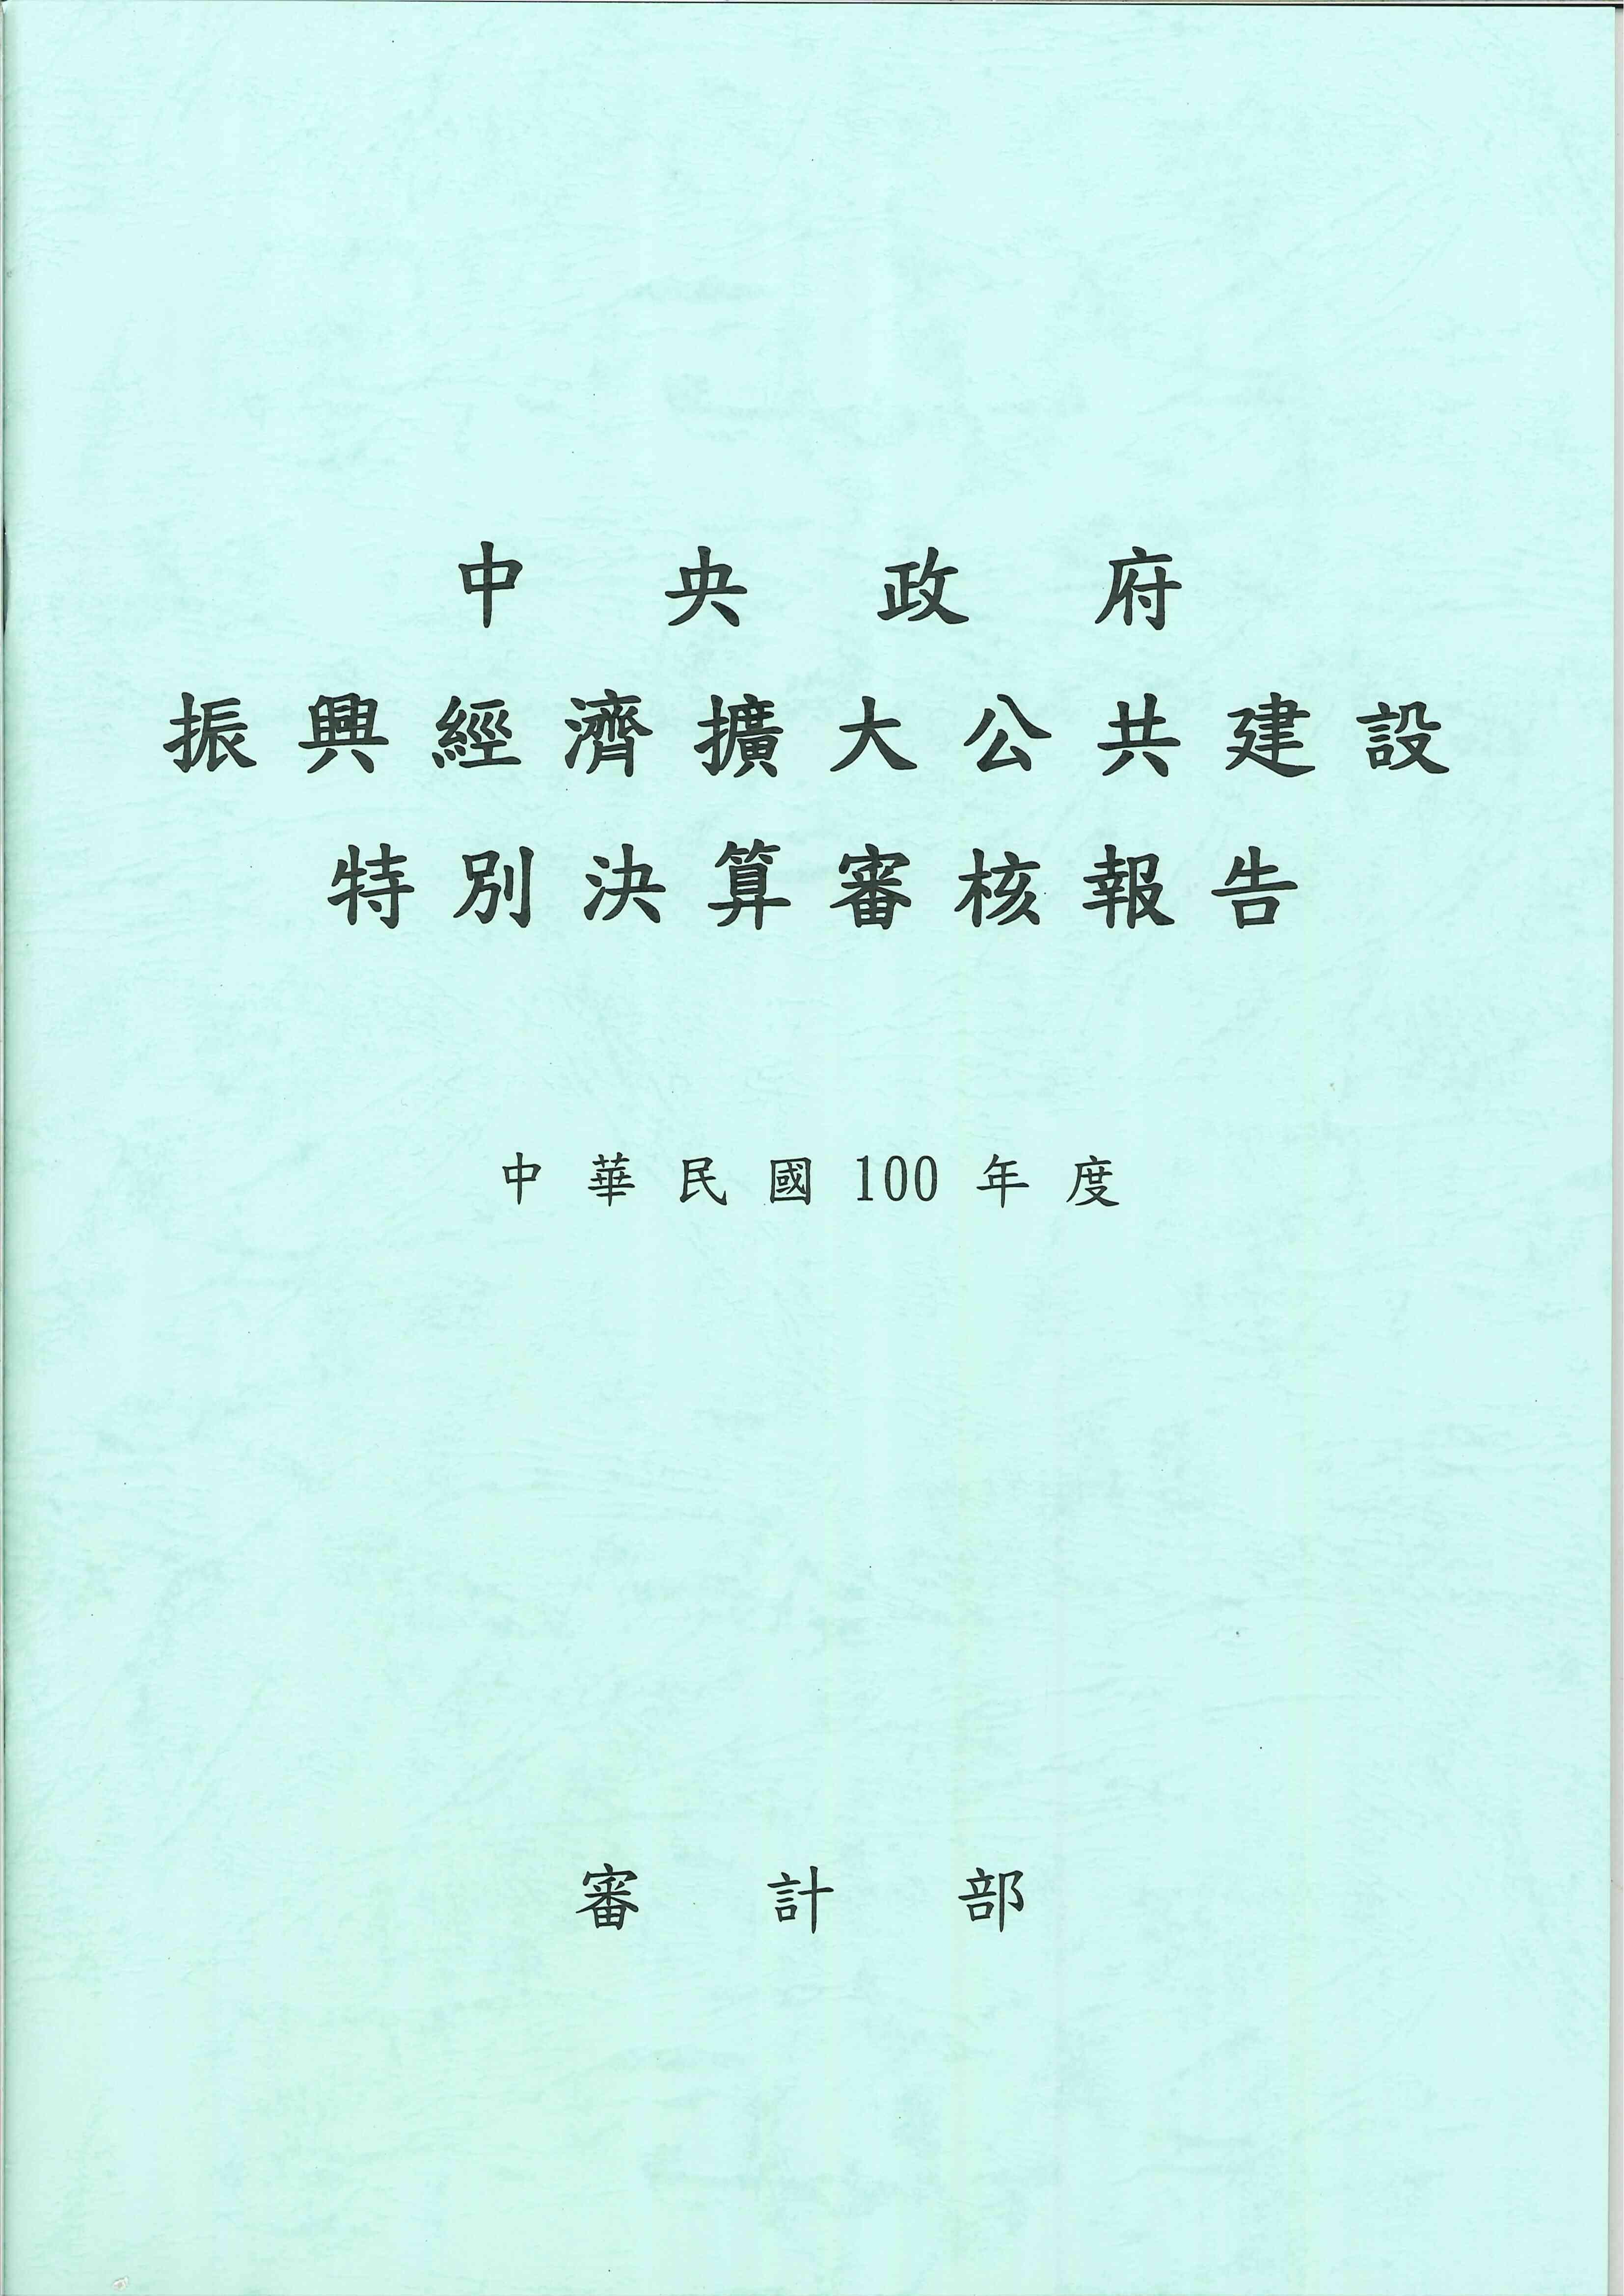 中央政府擴大公共建設投資計畫特別決算審核報告